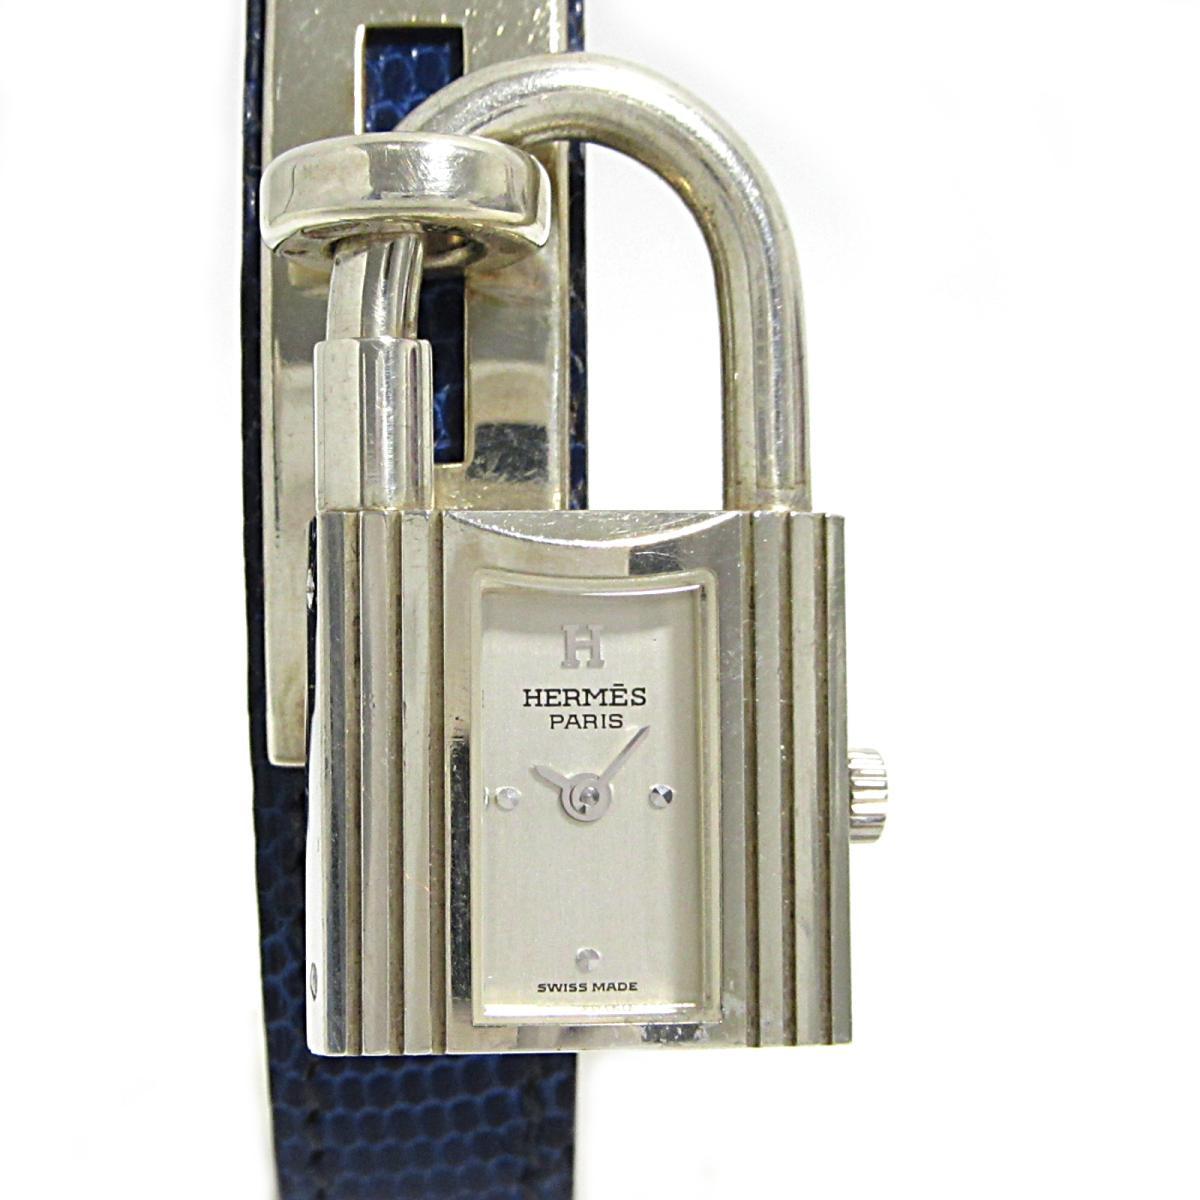 【中古】 エルメス ケリーウォッチ 腕時計 ウォッチ レディース シルバー925 リザード | HERMES BRANDOFF ブランドオフ ブランド ブランド時計 ブランド腕時計 時計